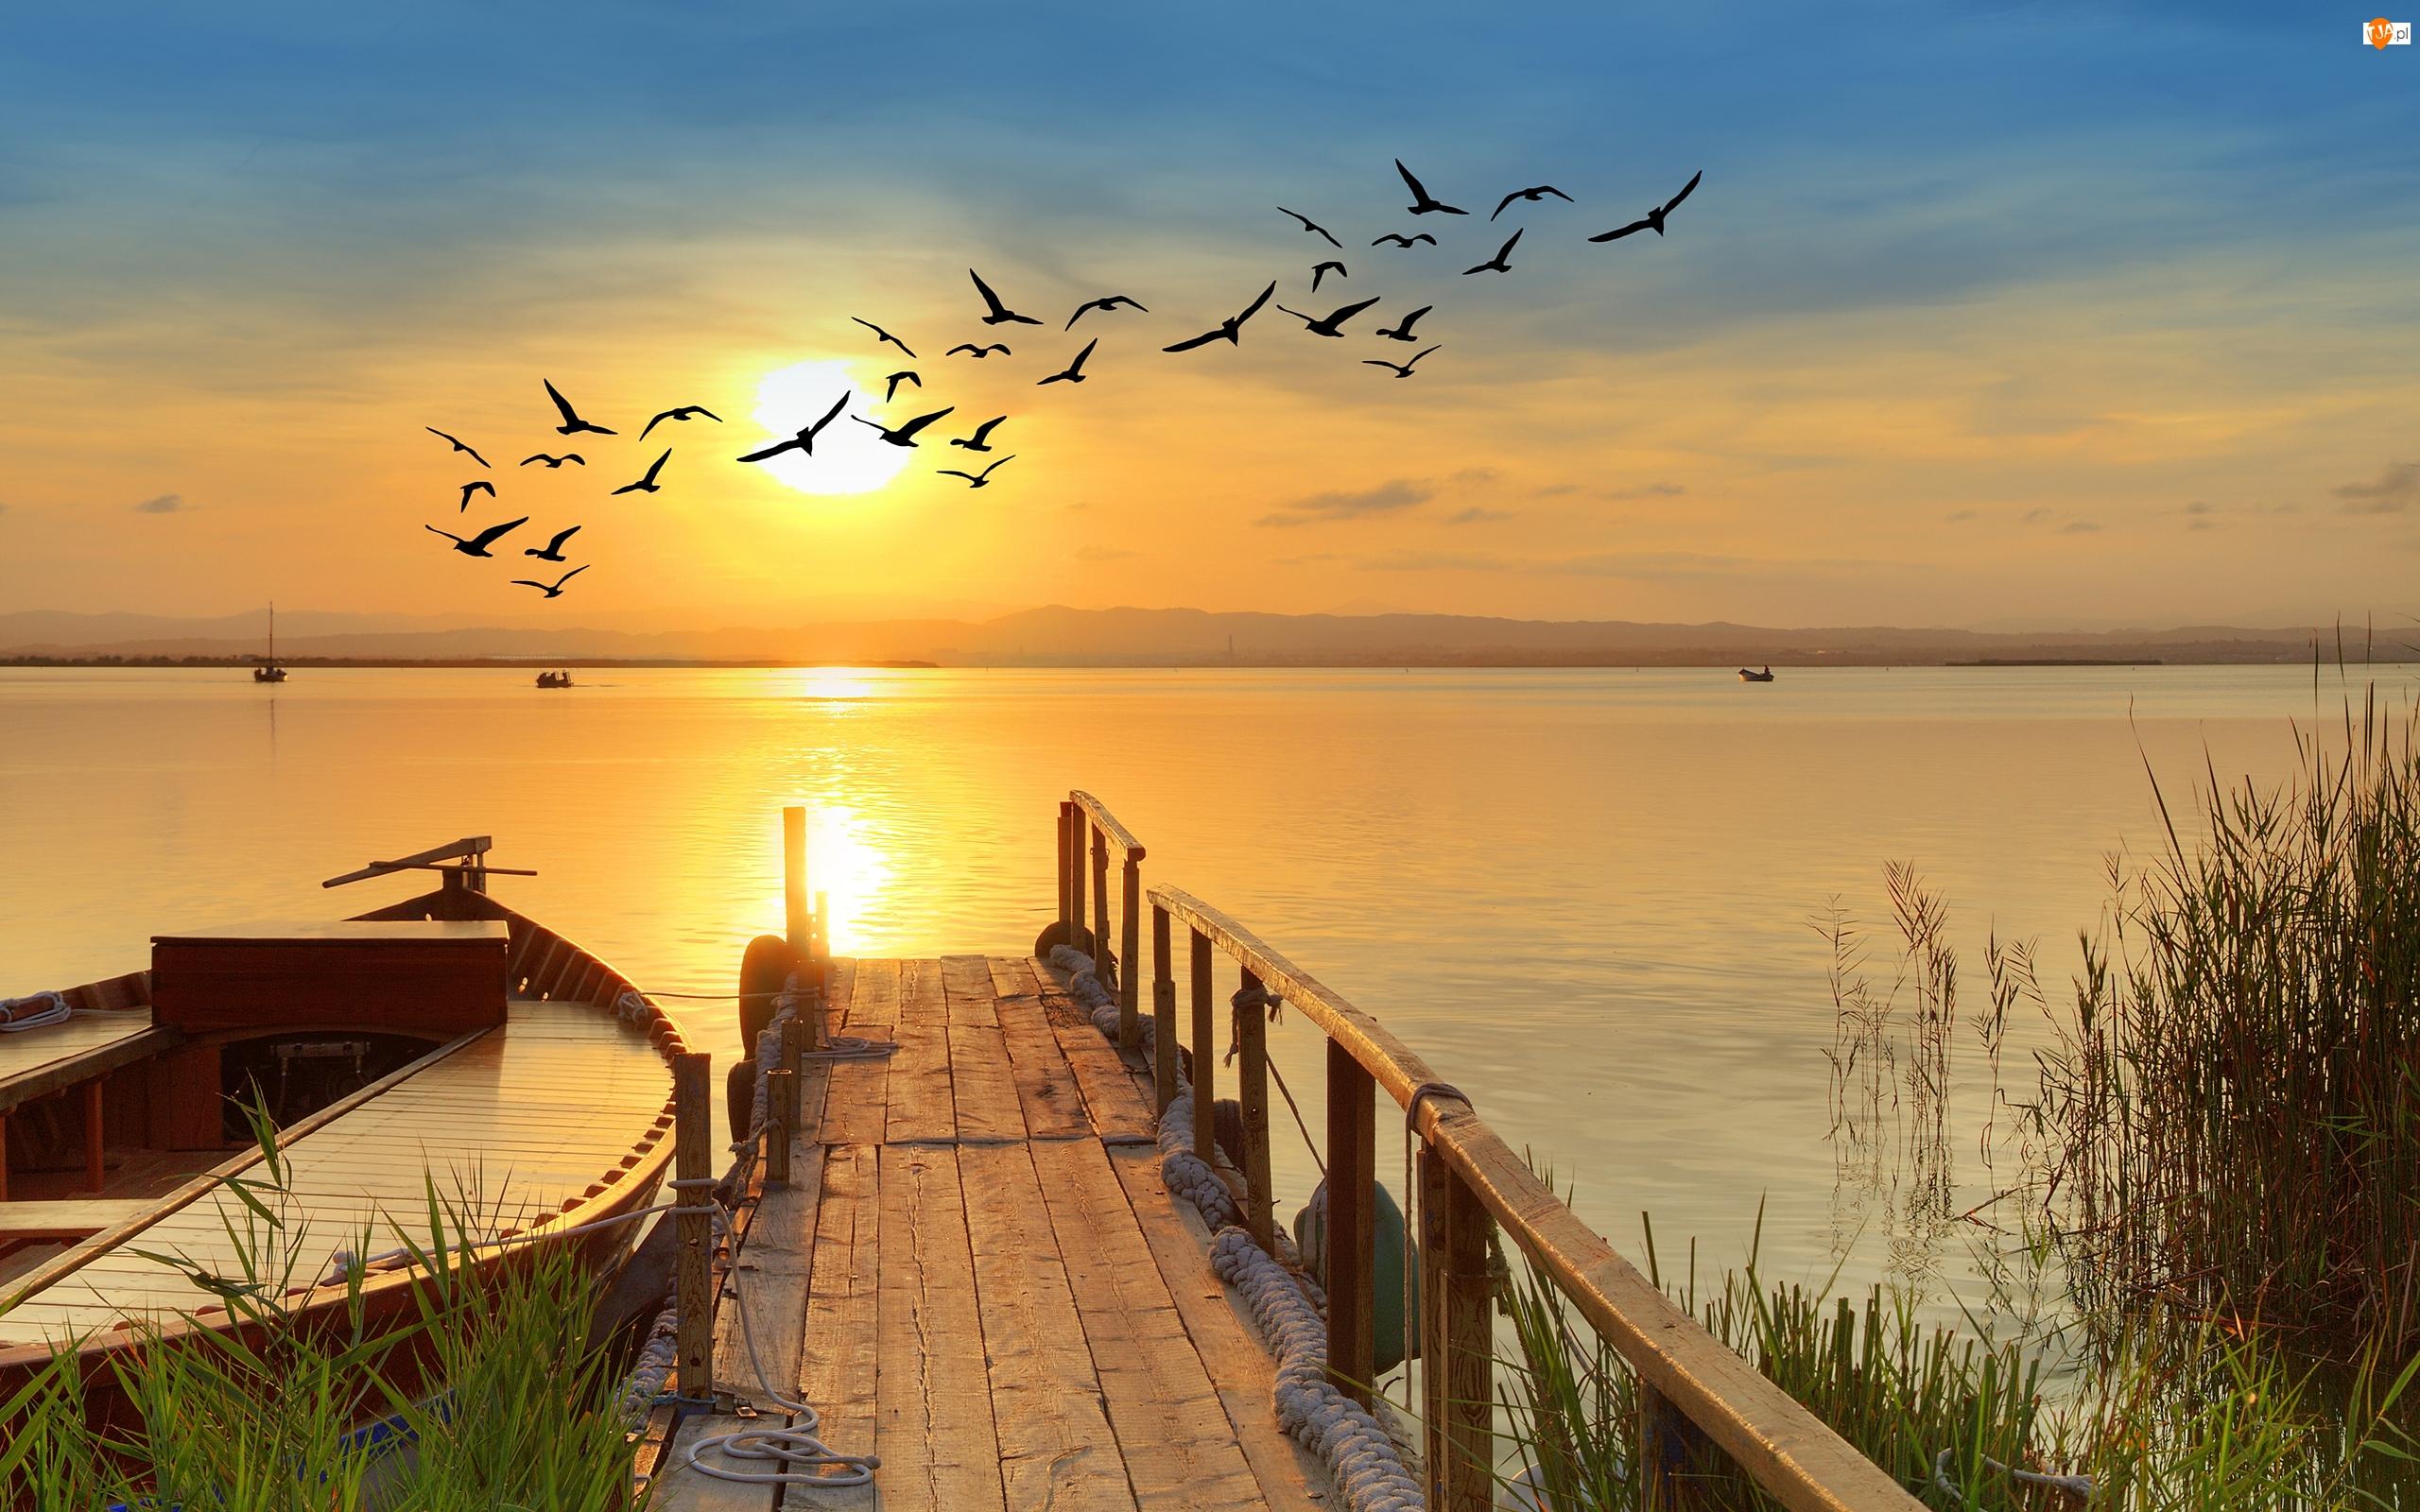 Ptaki, Jezioro, Łódki, Wschód słońca, Pomost